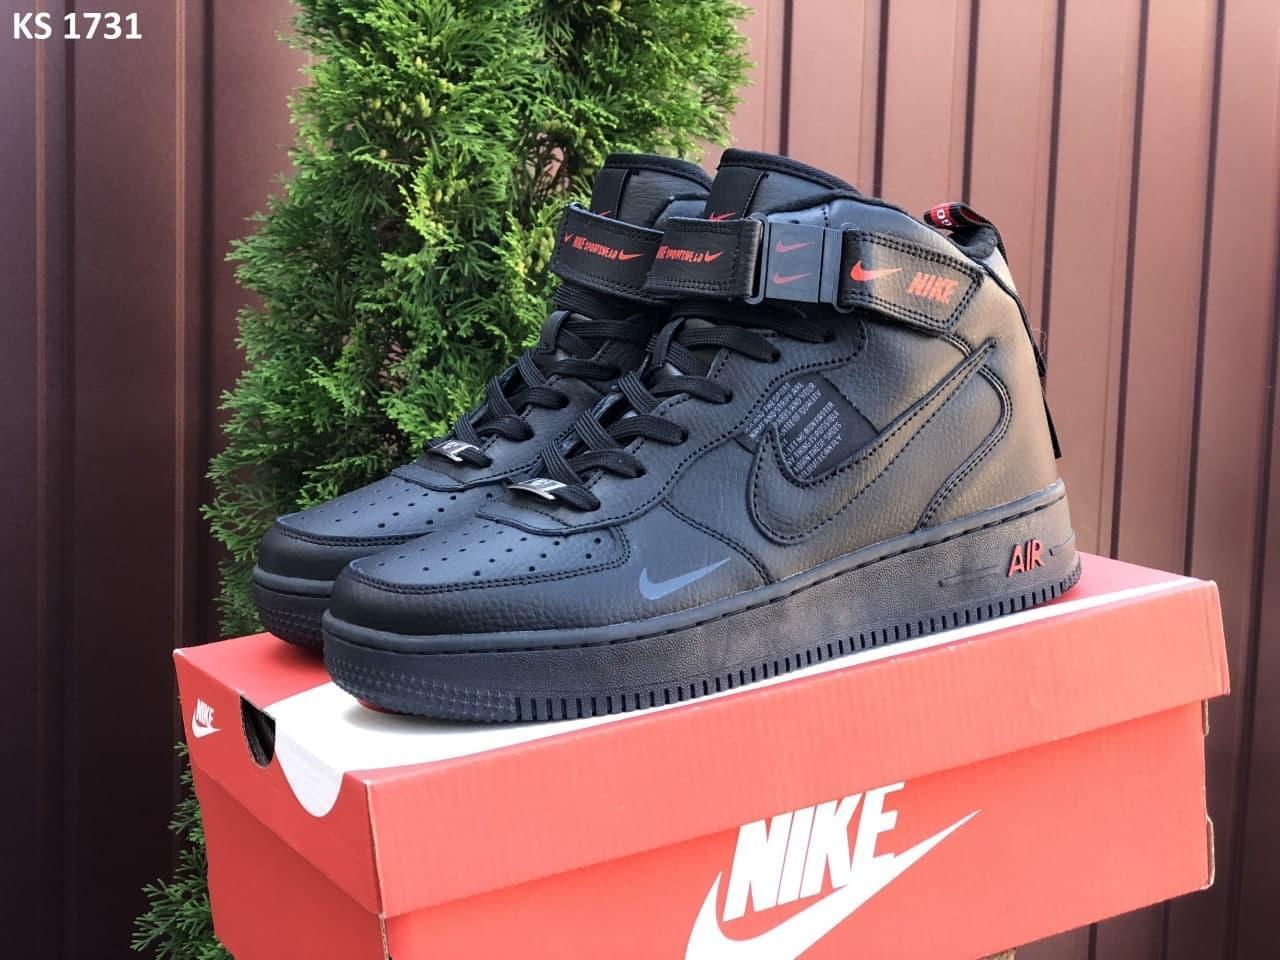 Мужские кроссовки Nike Air Force высокие (черно-красные) KS 1731 повседневные демисезонные кроссы термо